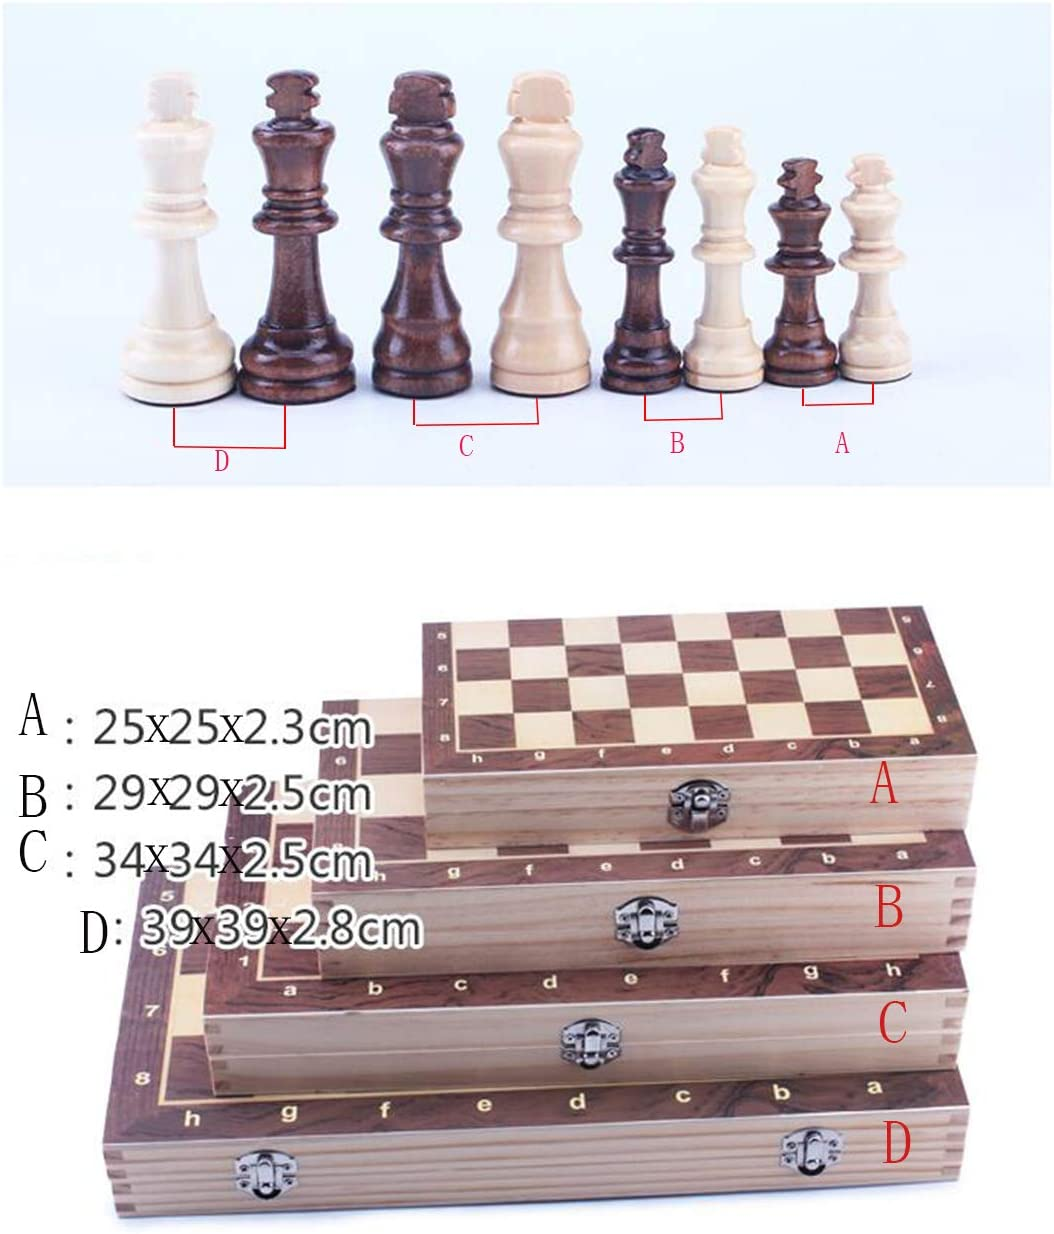 Juegos de mesa de juguetes-juego de ajedrez con tablero de ajedrez plegable de madera y piezas estándar hechas a mano clásicas-juegos de ajedrez de la vida magnética de Champ para adultos y